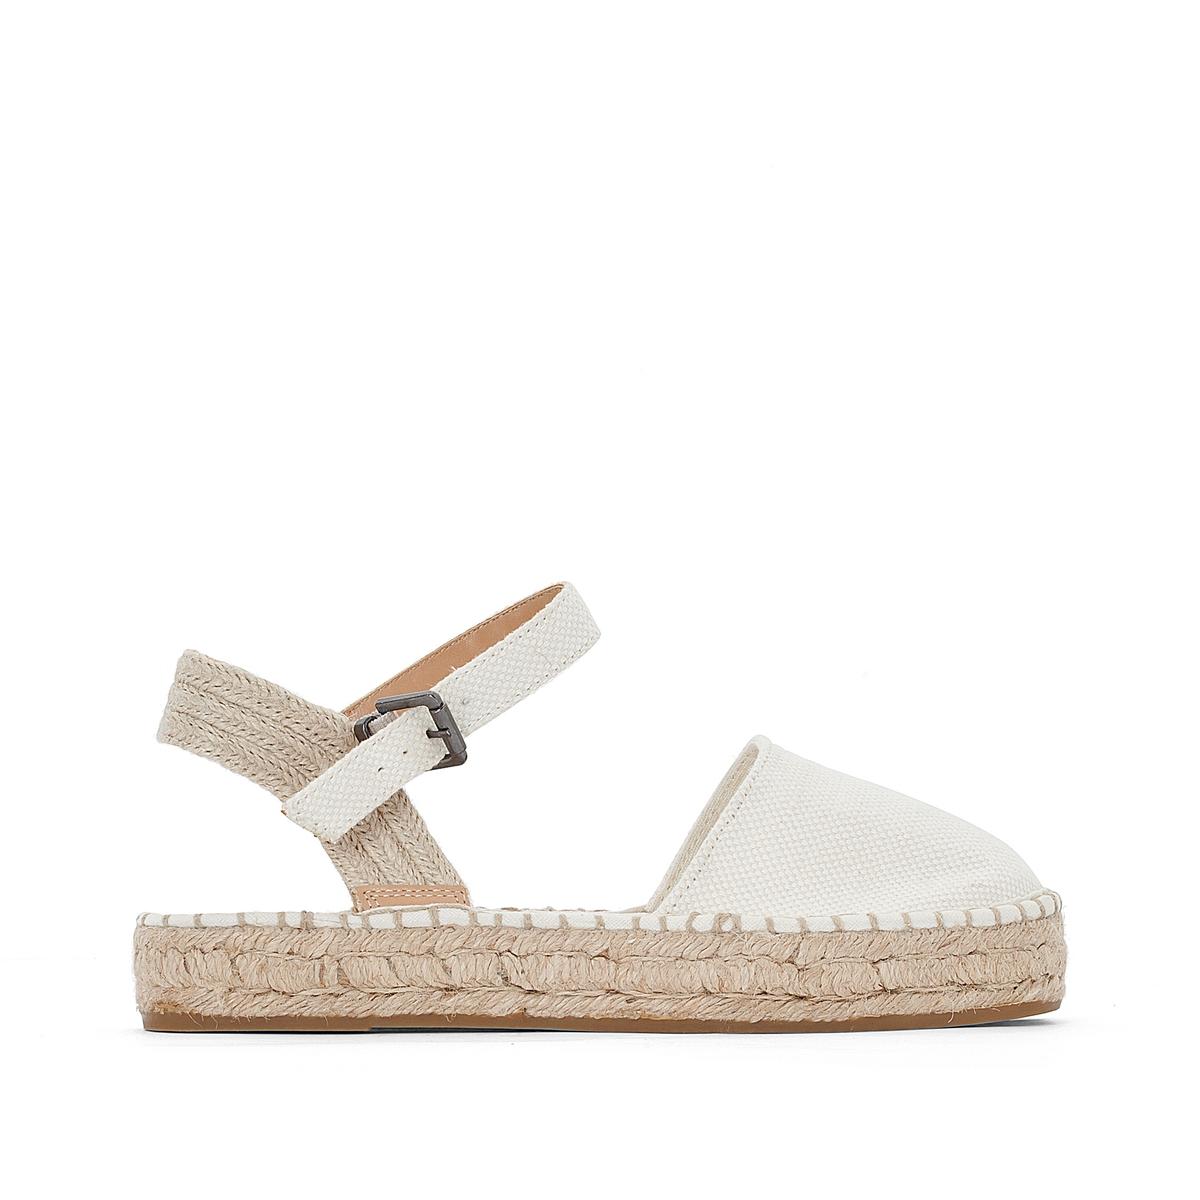 Туфли полотняные OliviaВерх: хлопок.Стелька:Подошва:     Высота каблука: 2 см.Форма каблука: плоский каблук.Мысок: закругленный.Застежка: пряжка.<br><br>Цвет: синий морской,экрю<br>Размер: 40